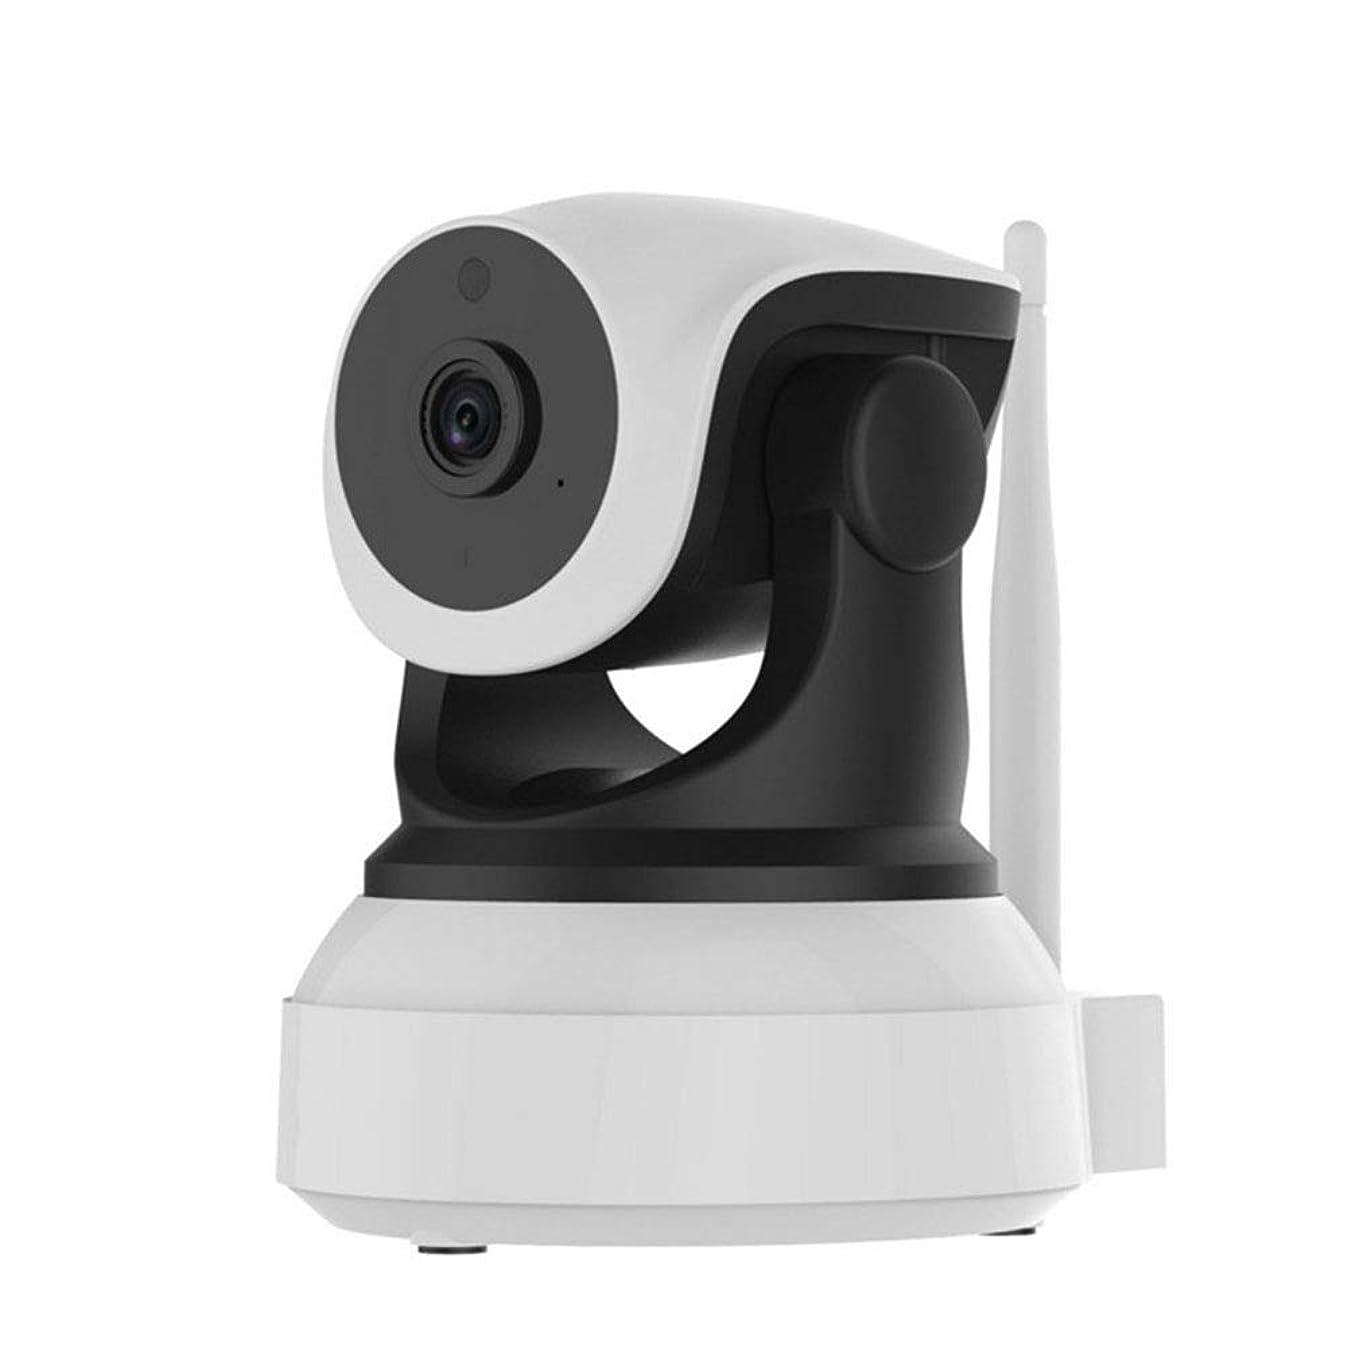 変わる定数祭り方朝日スポーツ用品店 720P HDの保安用カメラのホームセキュリティーSystermの遠隔監視カメラ